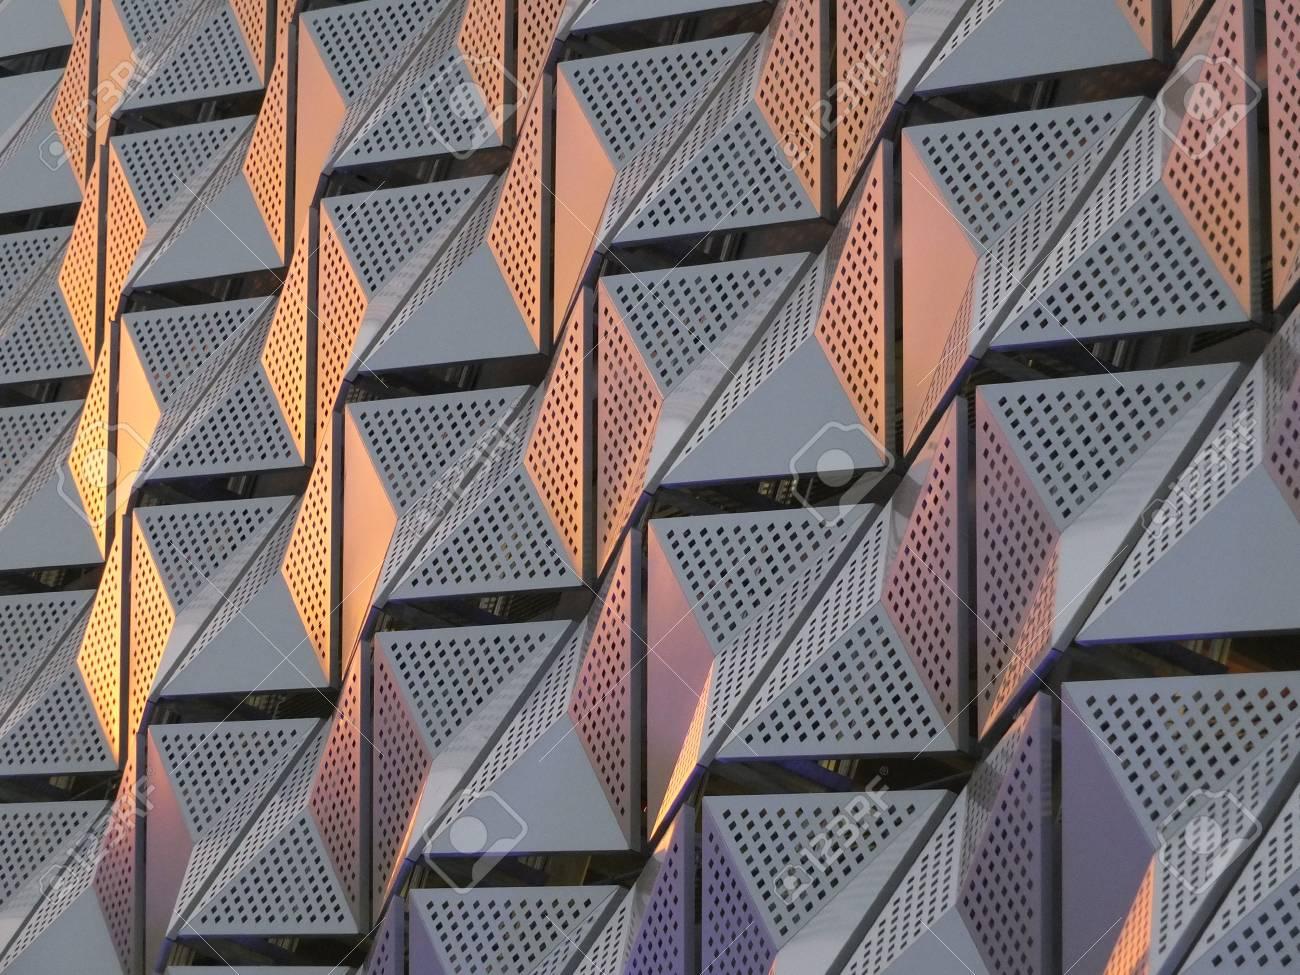 futuristic metallic triangular metal cladding with geometric